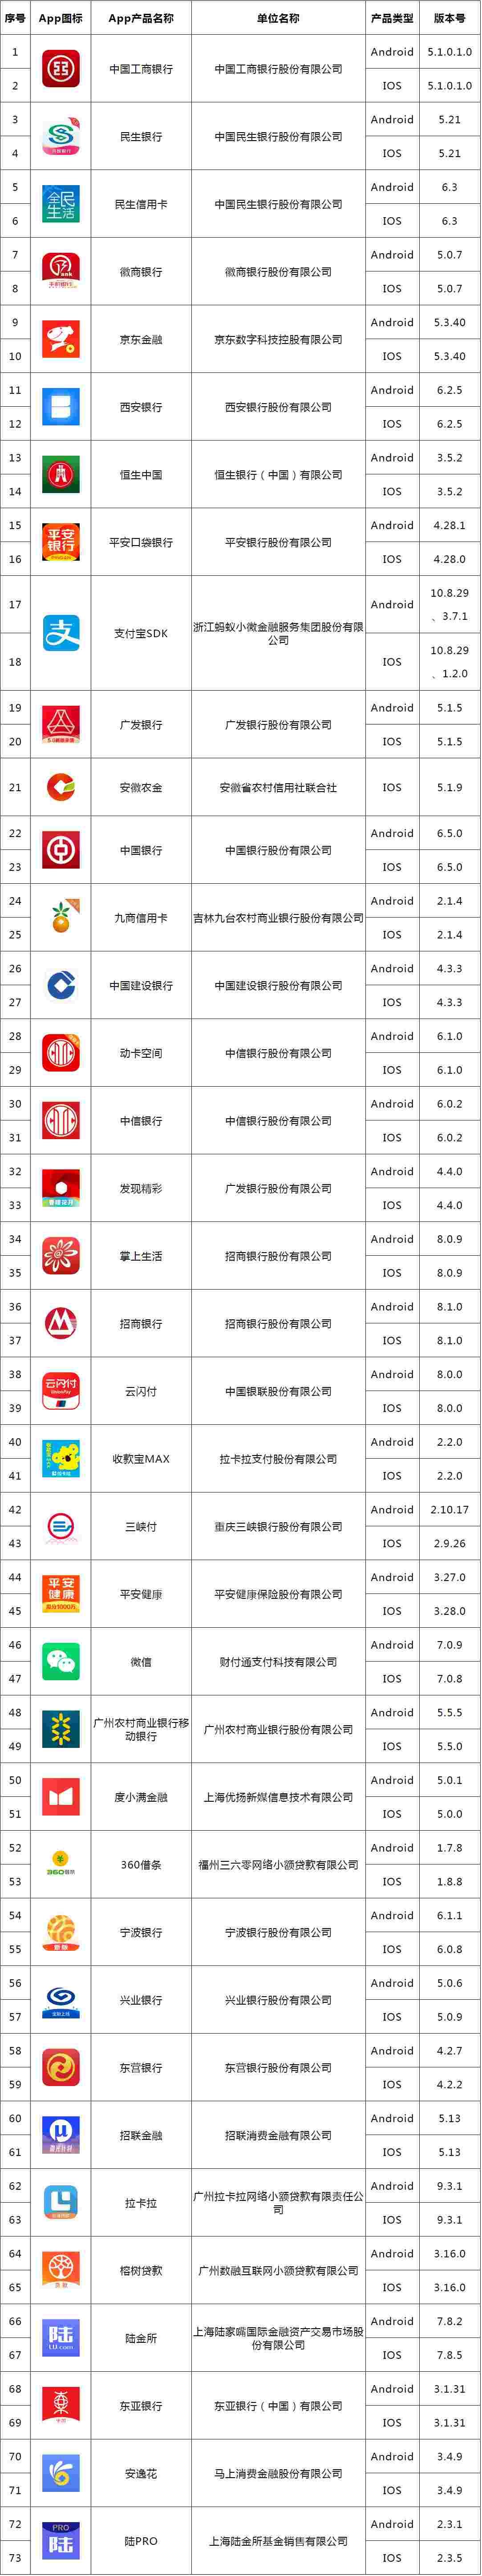 中国互金协会公布首批移动金融APP拟备案名单